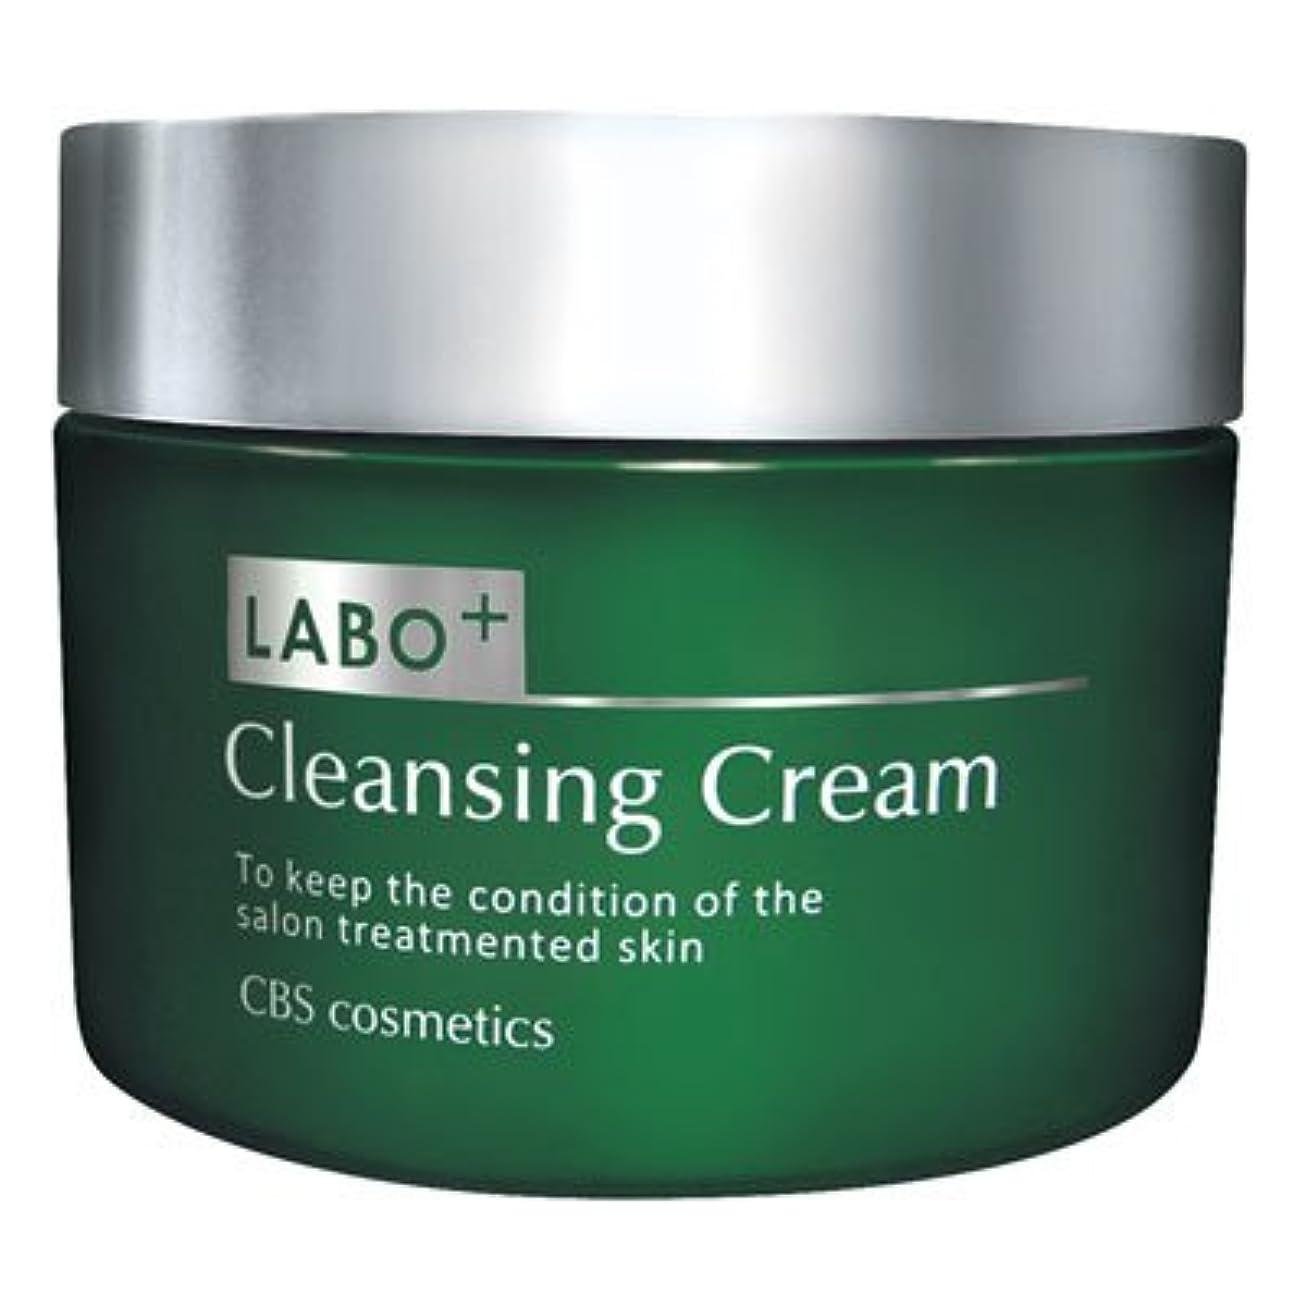 ドラッグ建設学習者お肌に優しいクリームタイプ LABO+ ラボプラス クレンジングクリーム 180g